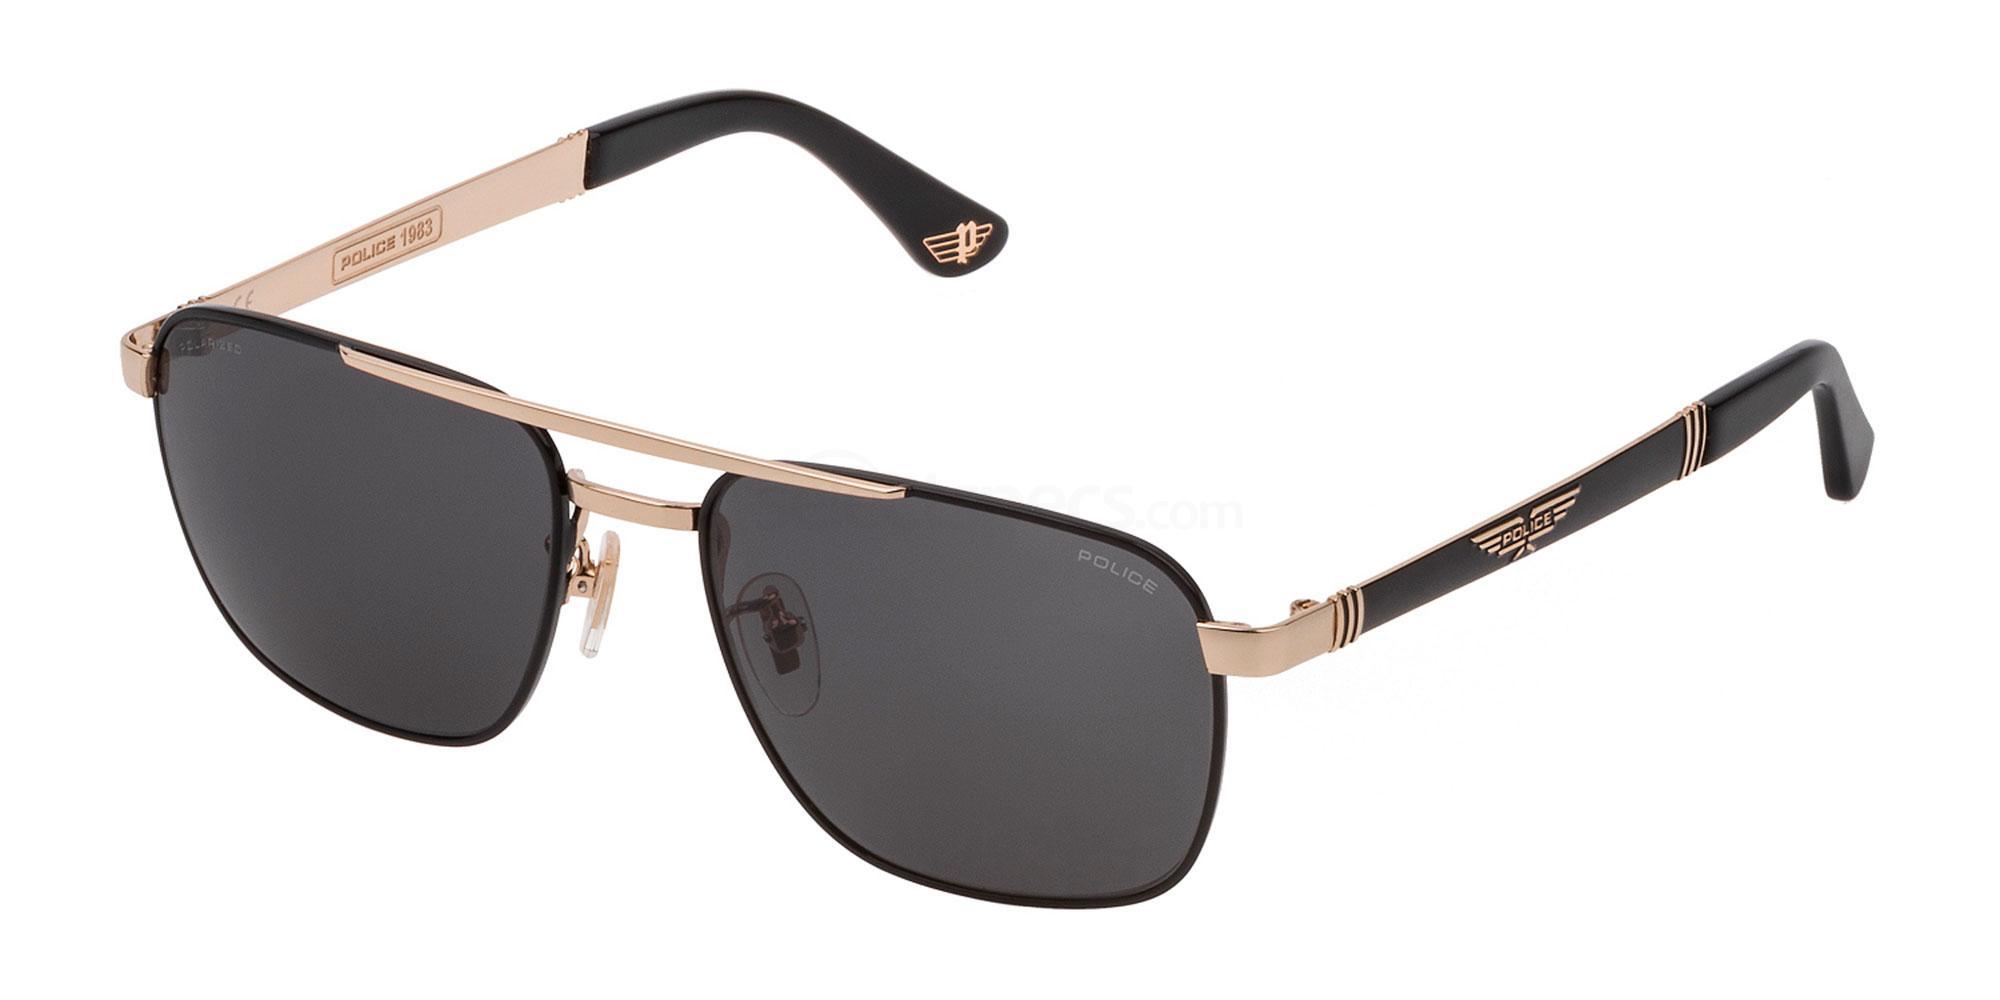 301P SPL890 Sunglasses, Police